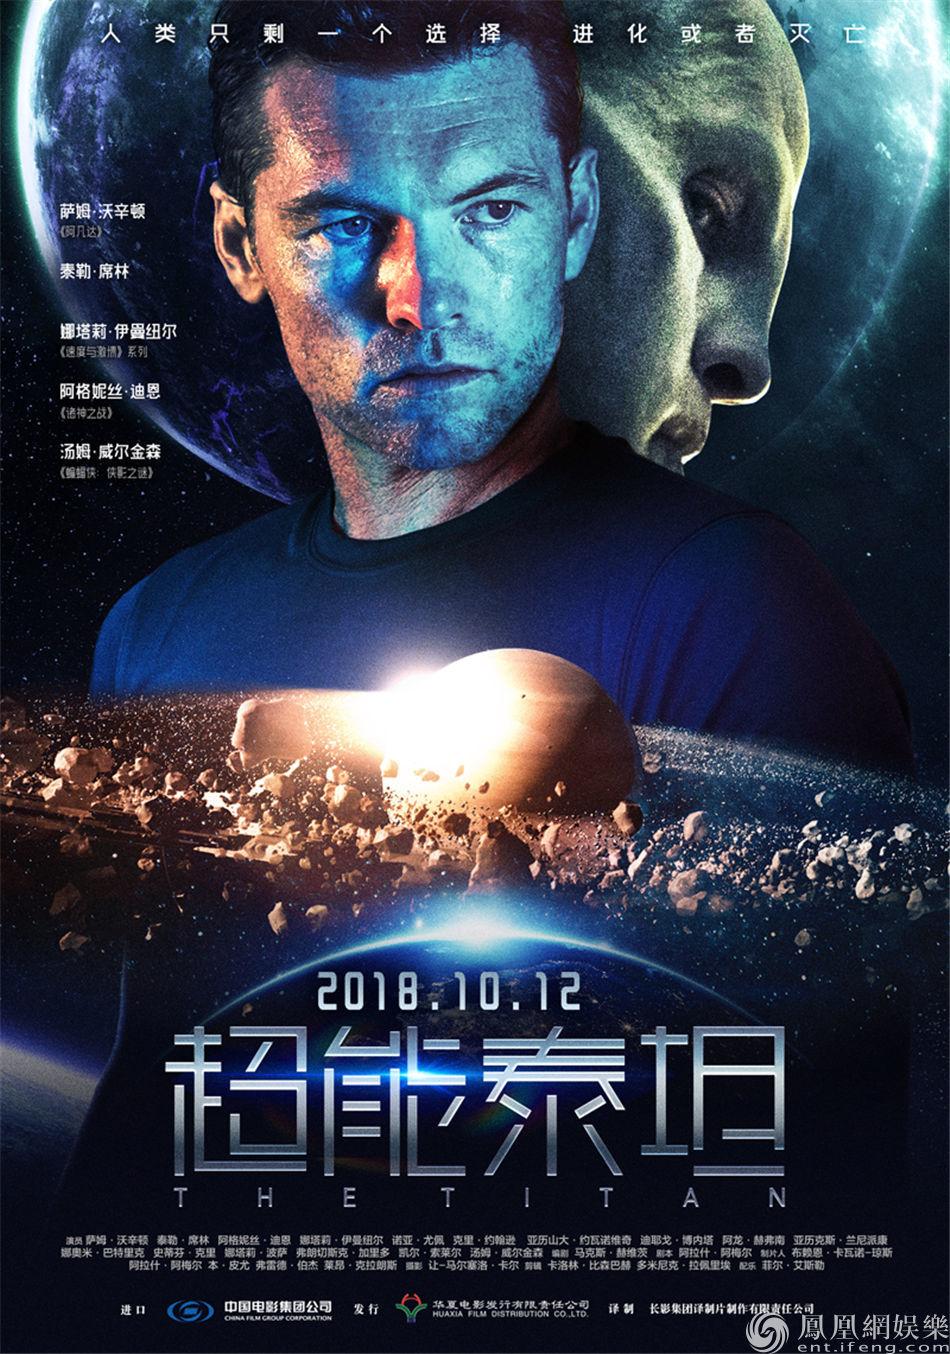 《超能泰坦》定档10.12 新海报引悬念